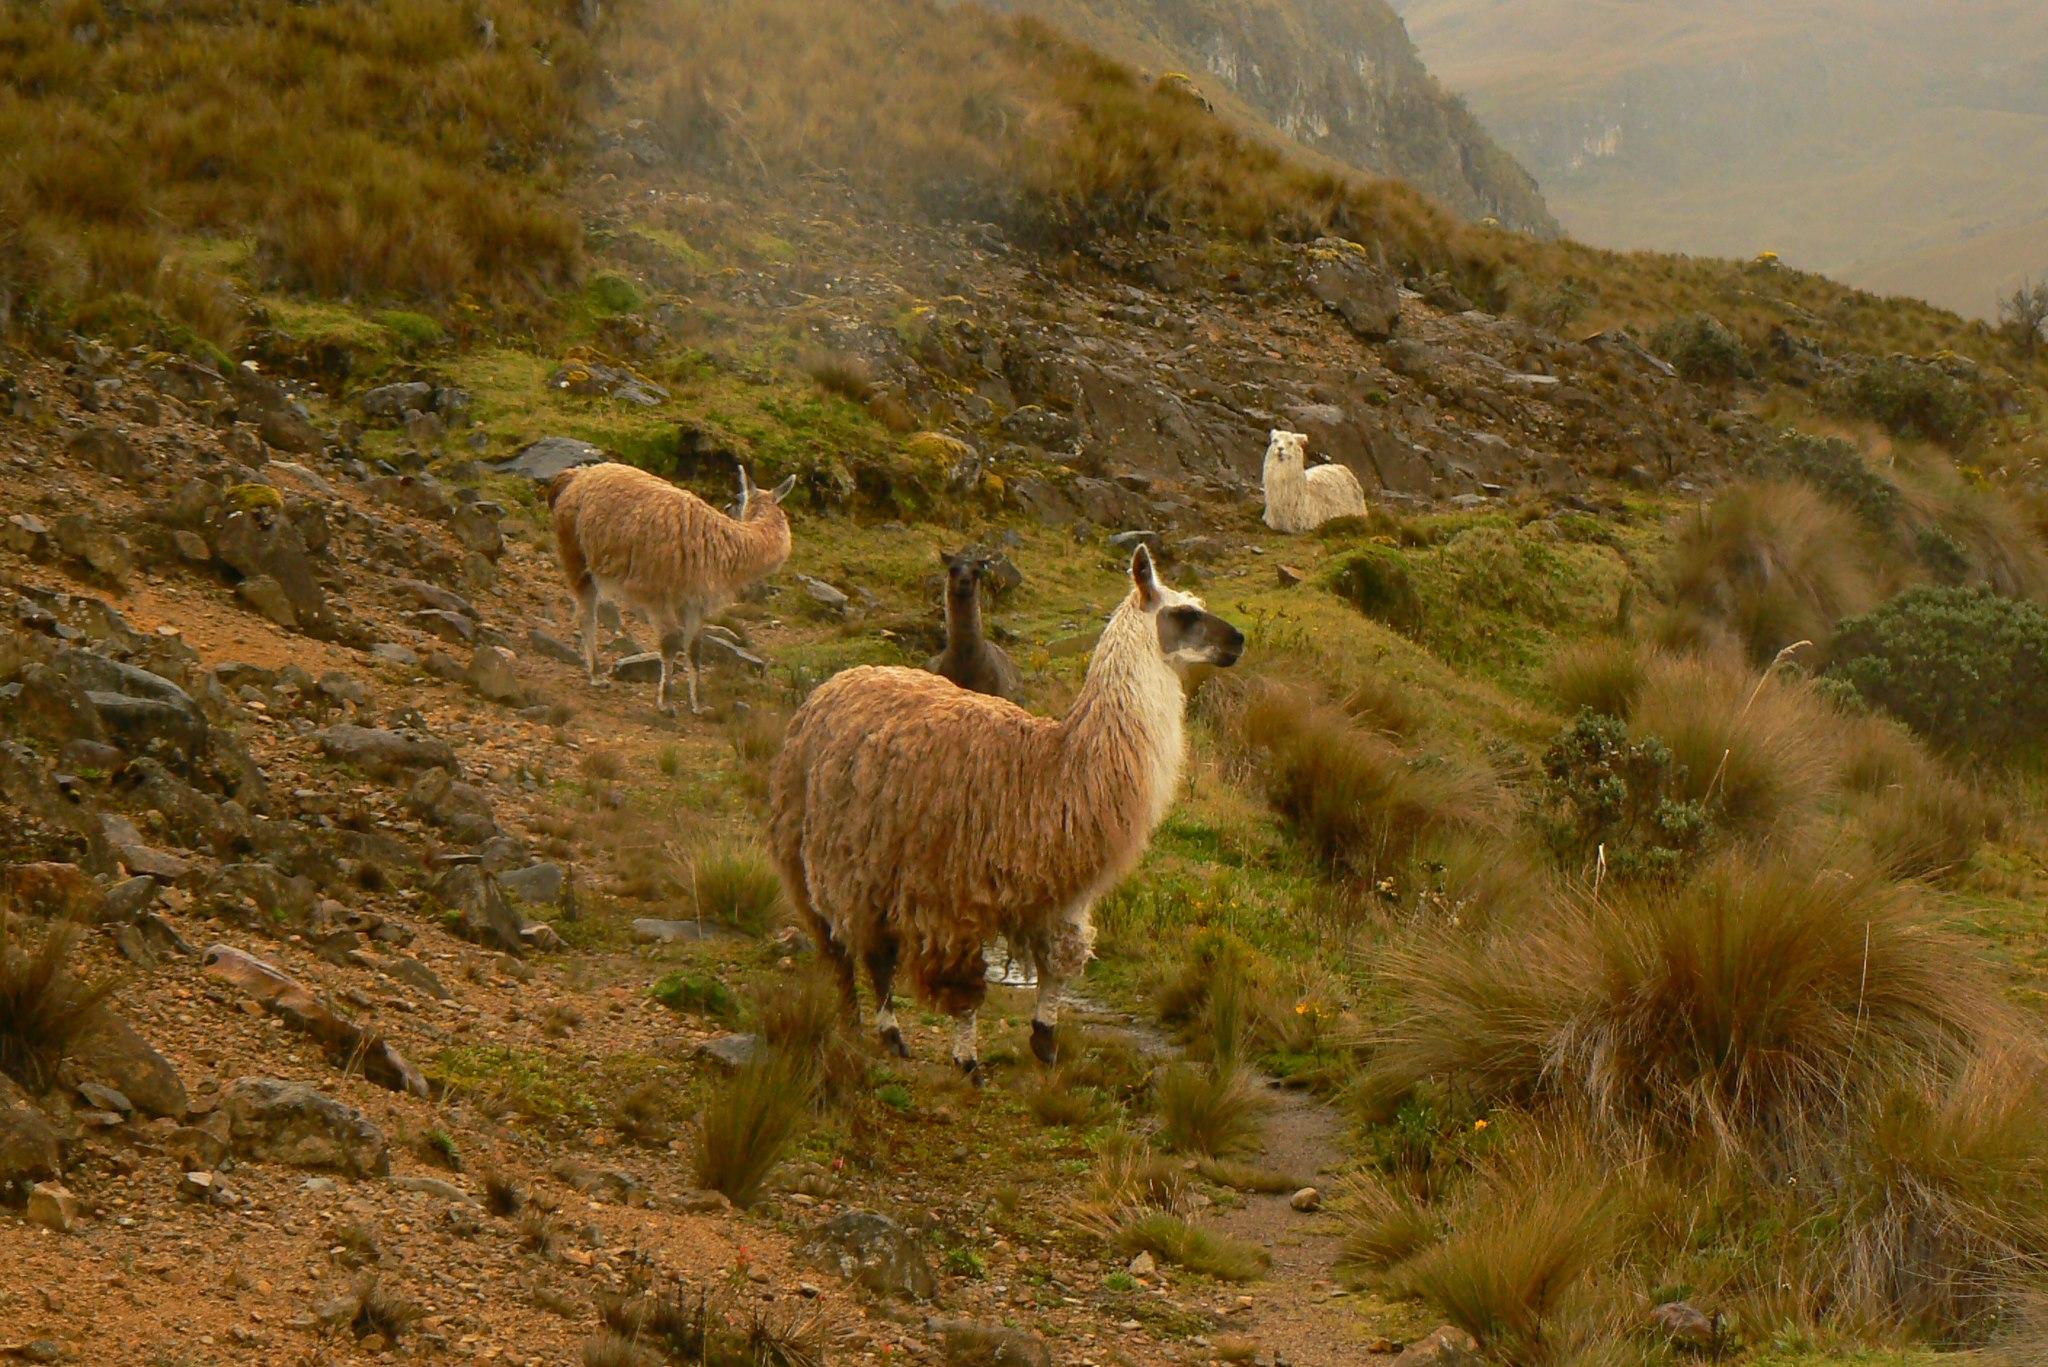 Hudba prastarého lesa a prezentácia cestopisných fotiek z Ekvádoru